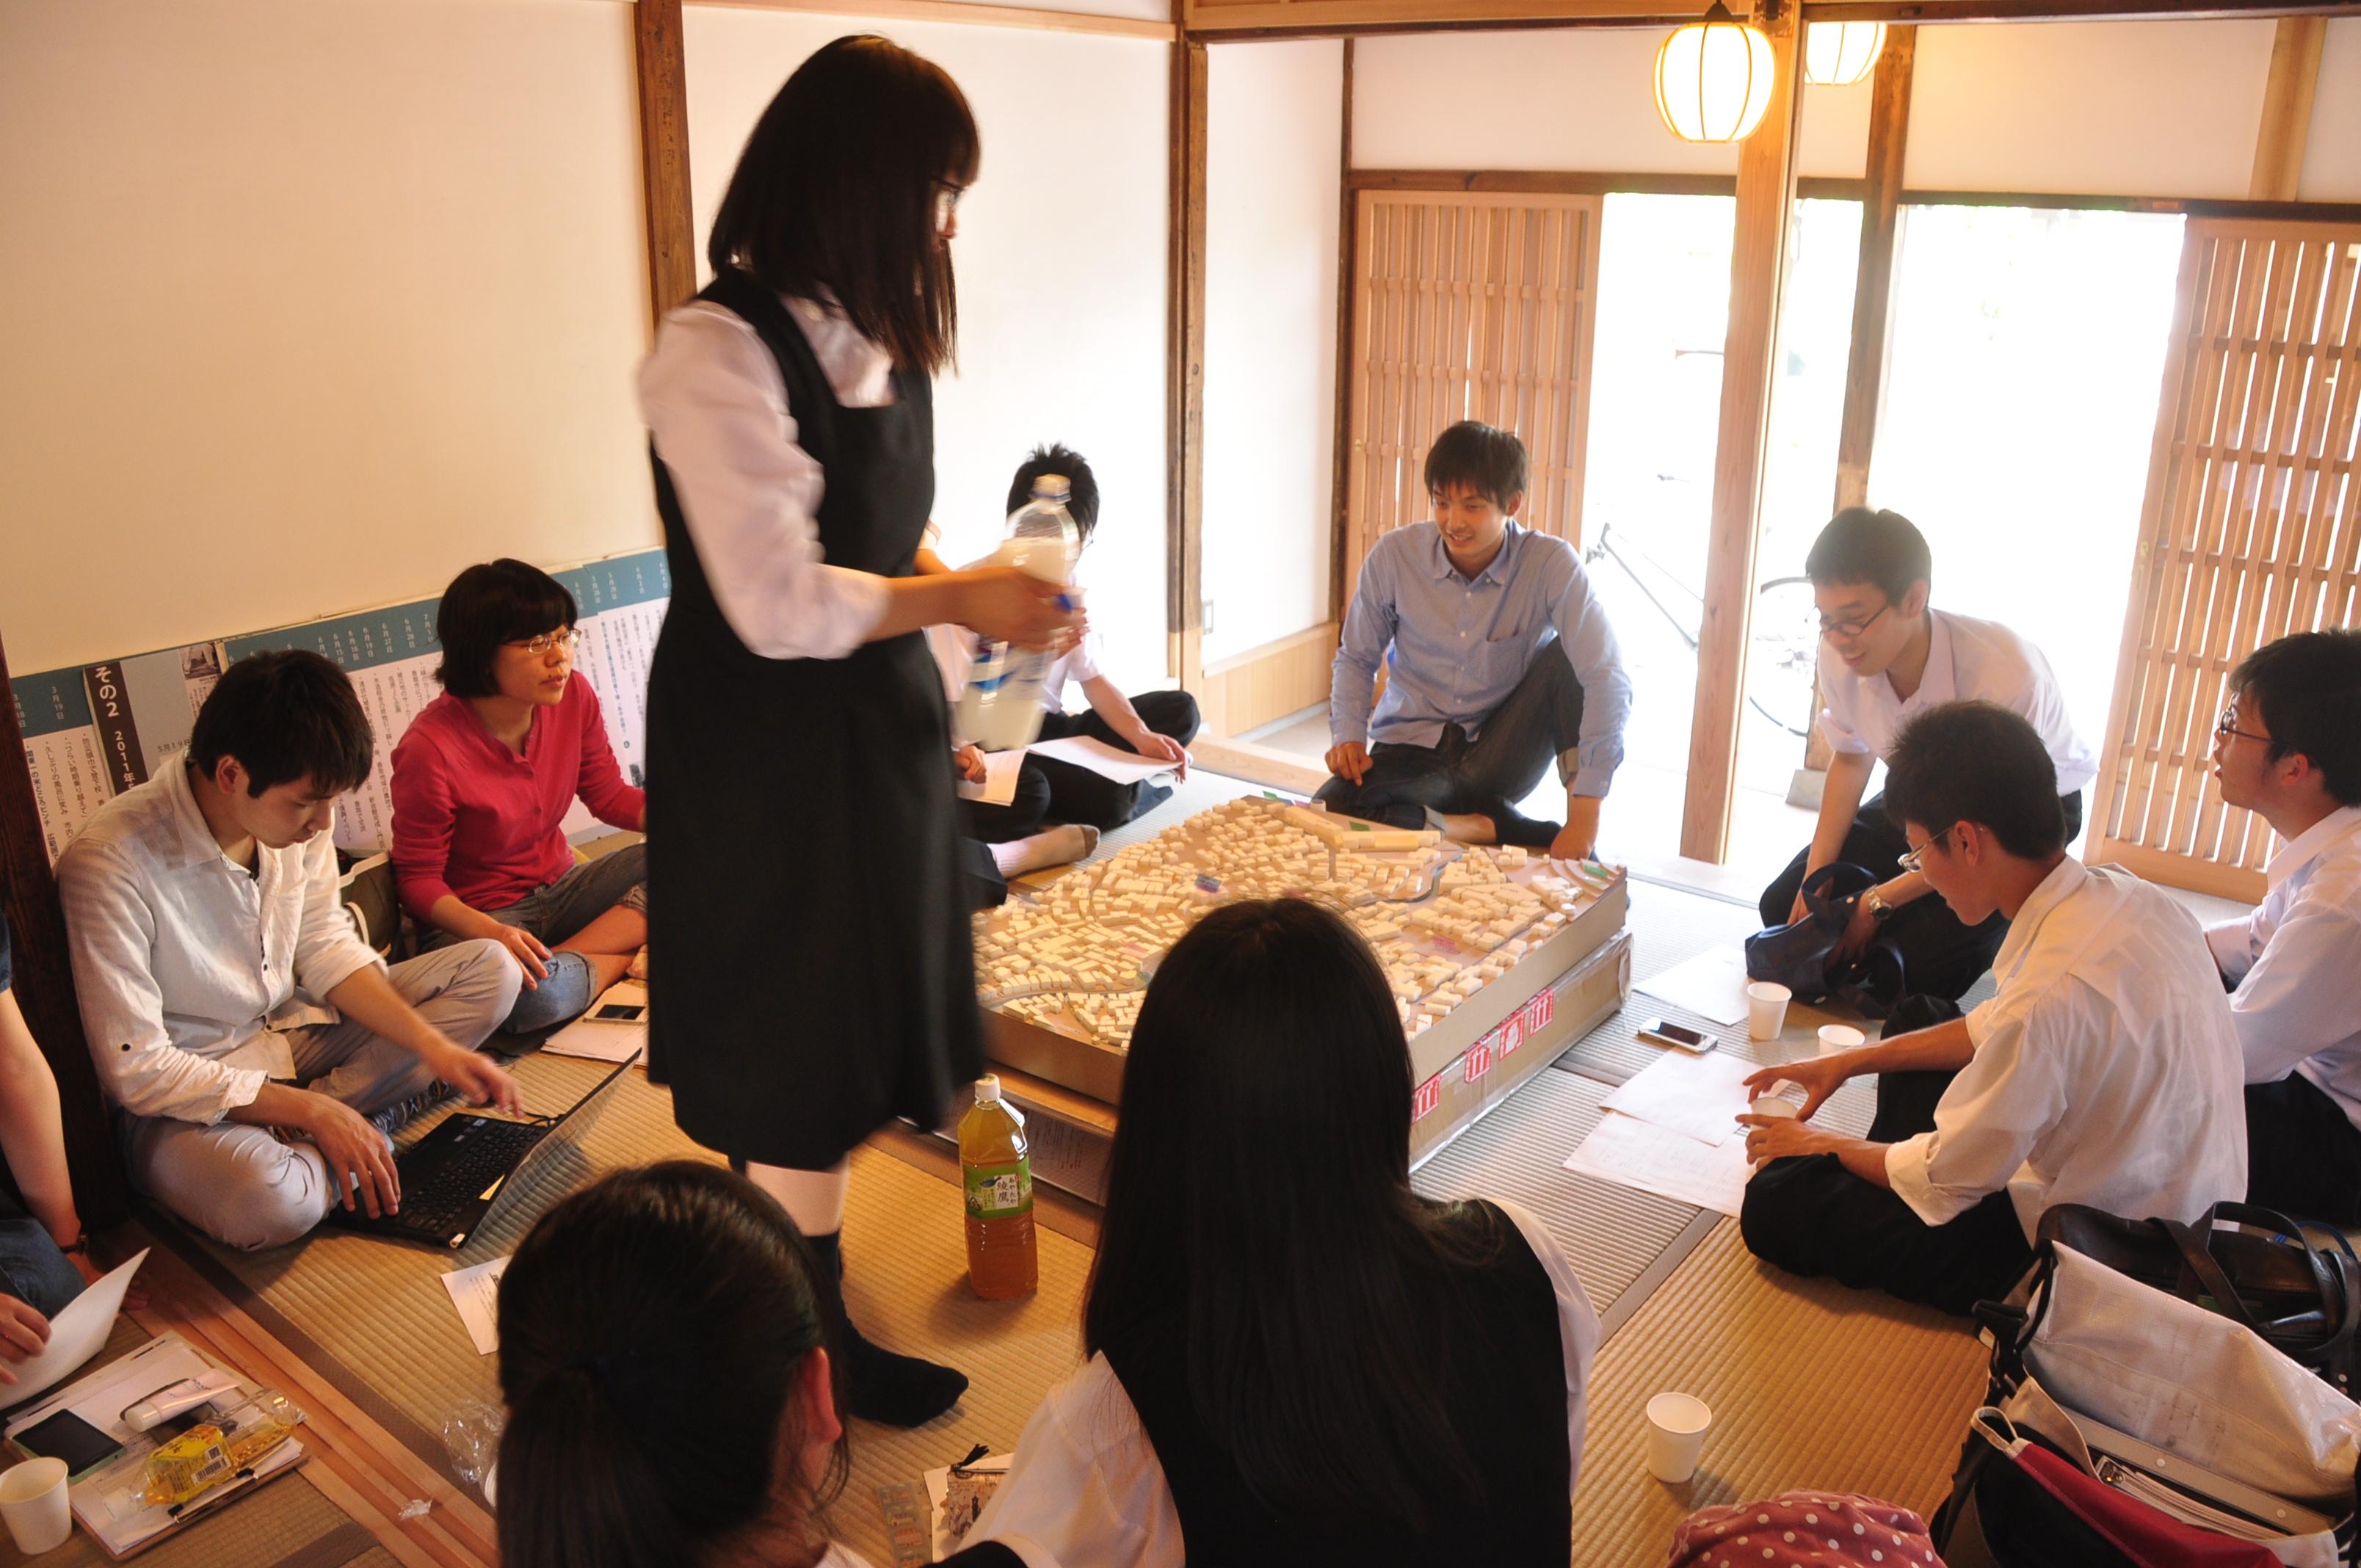 http://ud.t.u-tokyo.ac.jp/blog/_images/DSC_2695.JPG